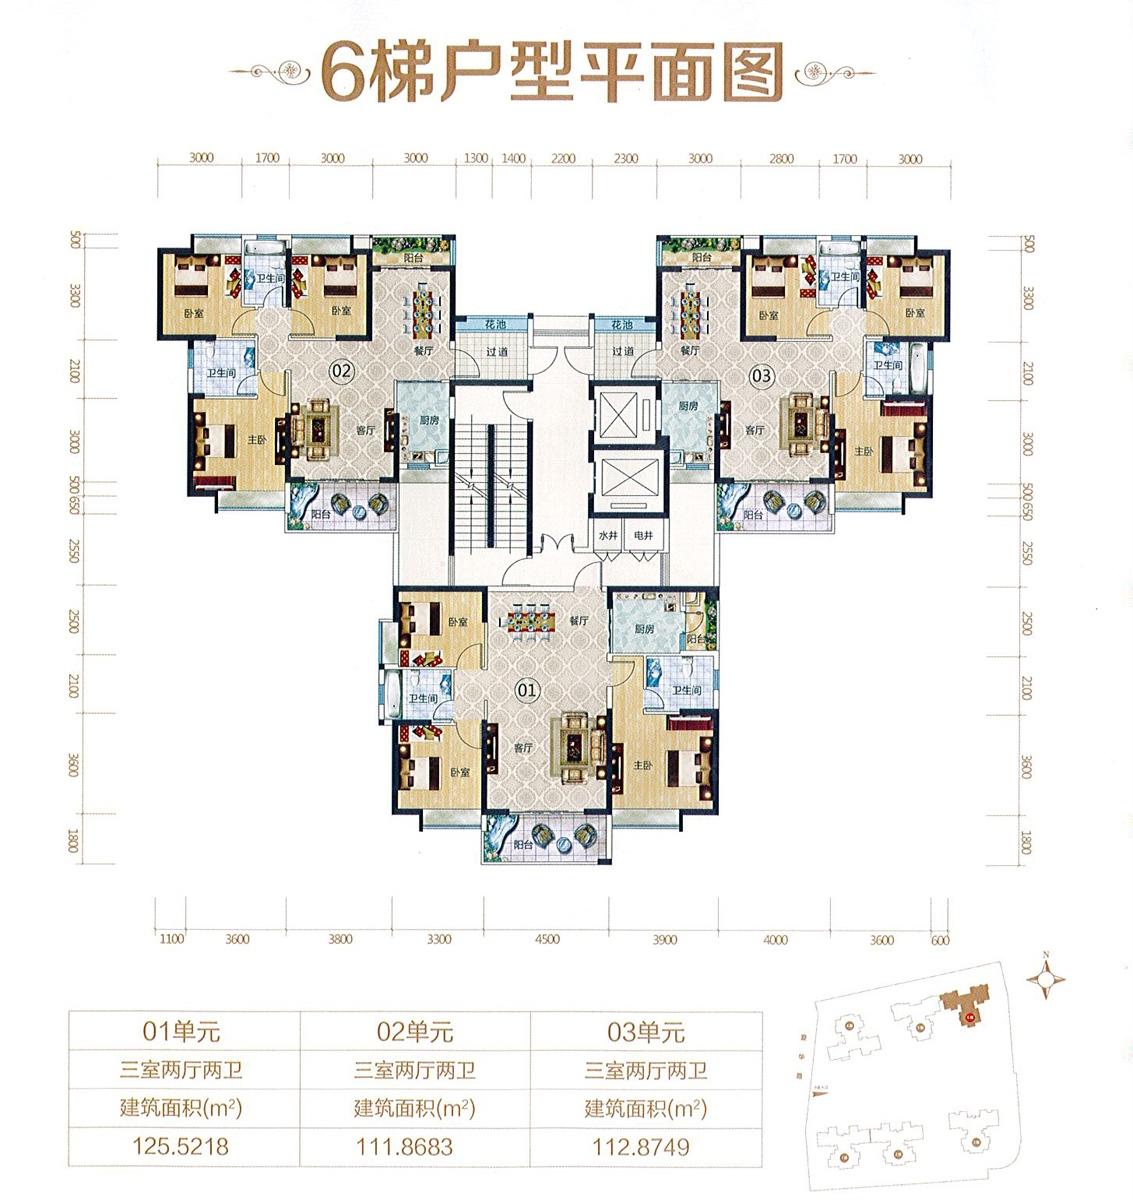 6梯楼层平面图